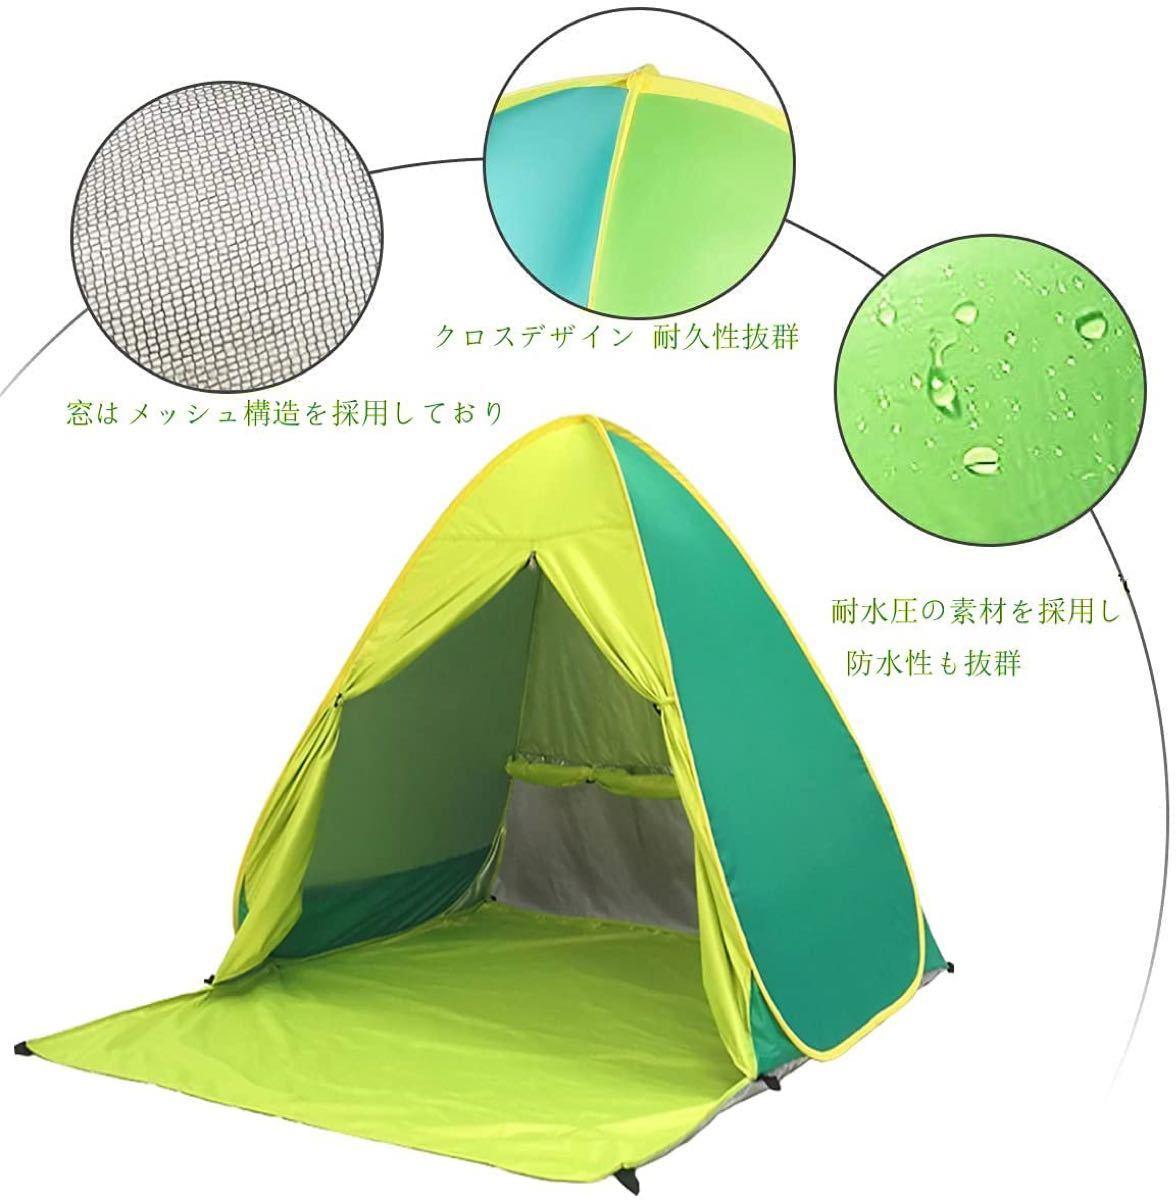 ワンタッチ テント サンシェードテント ポップアップテント コンパクト